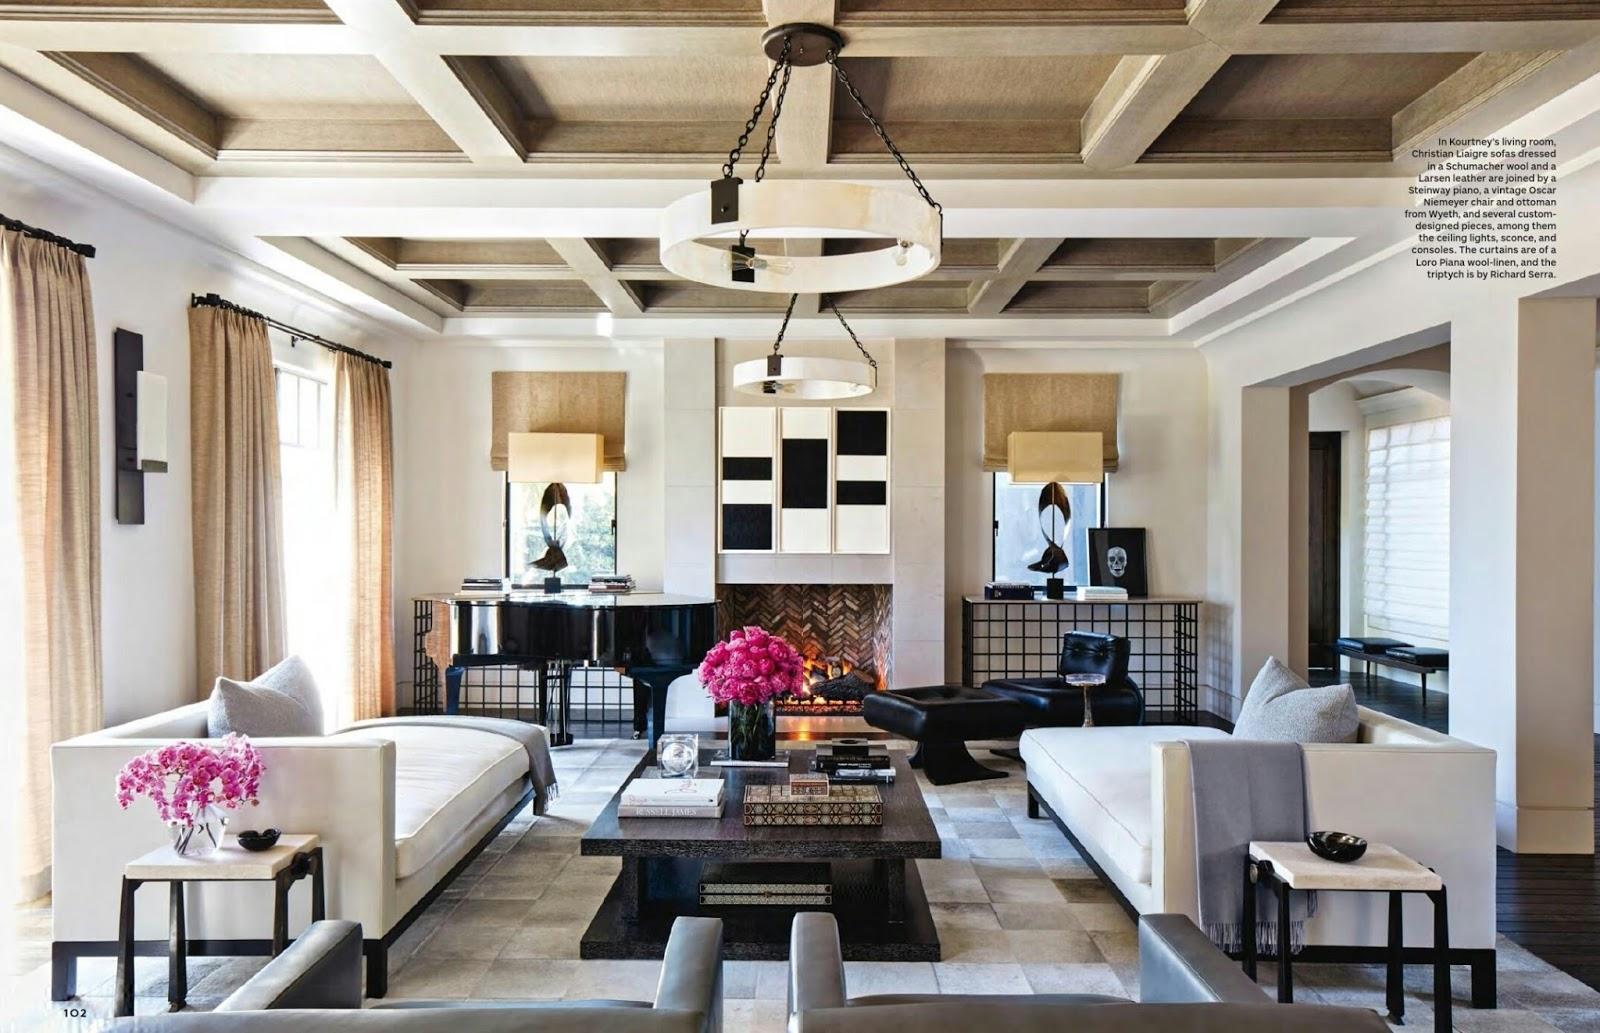 Home Living: Living like Kourtney and Khloe Kardashian ...